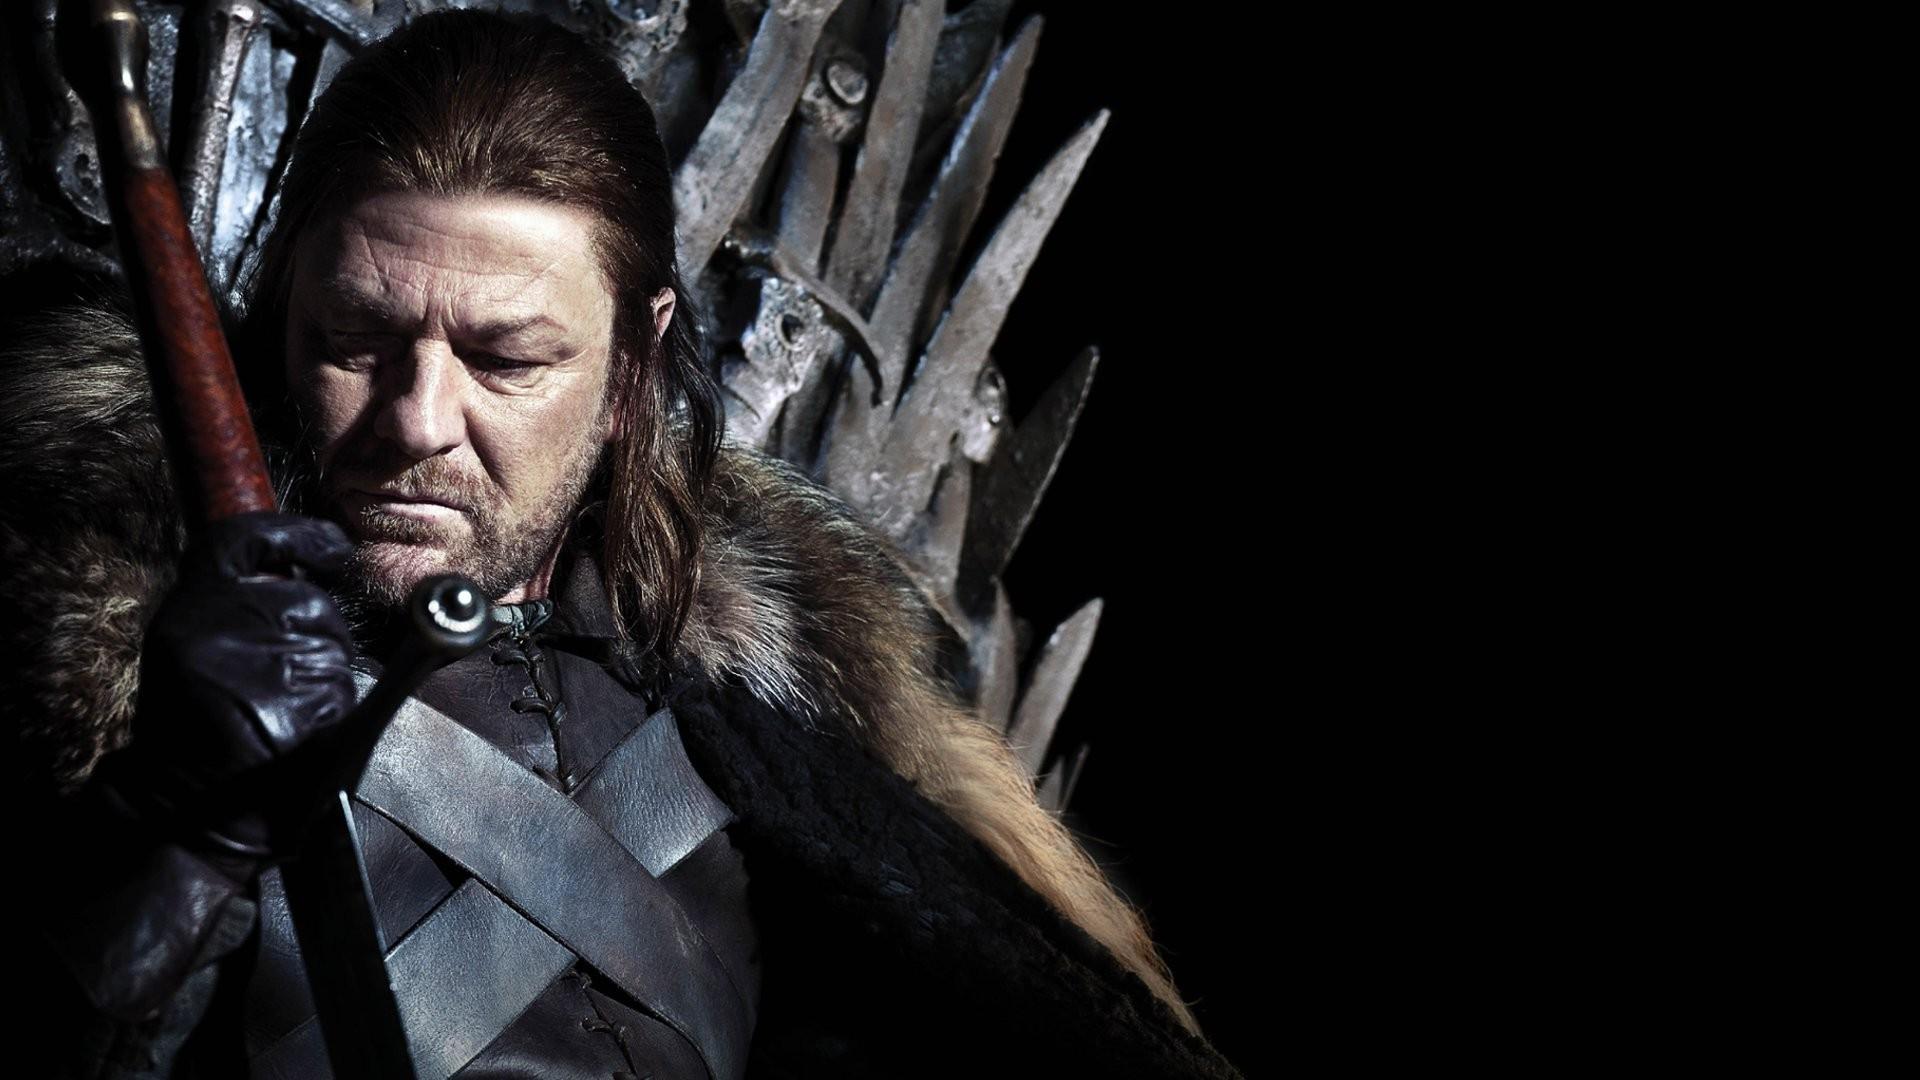 Wallpaper Game Of Thrones House Stark Ned Stark Sean Bean